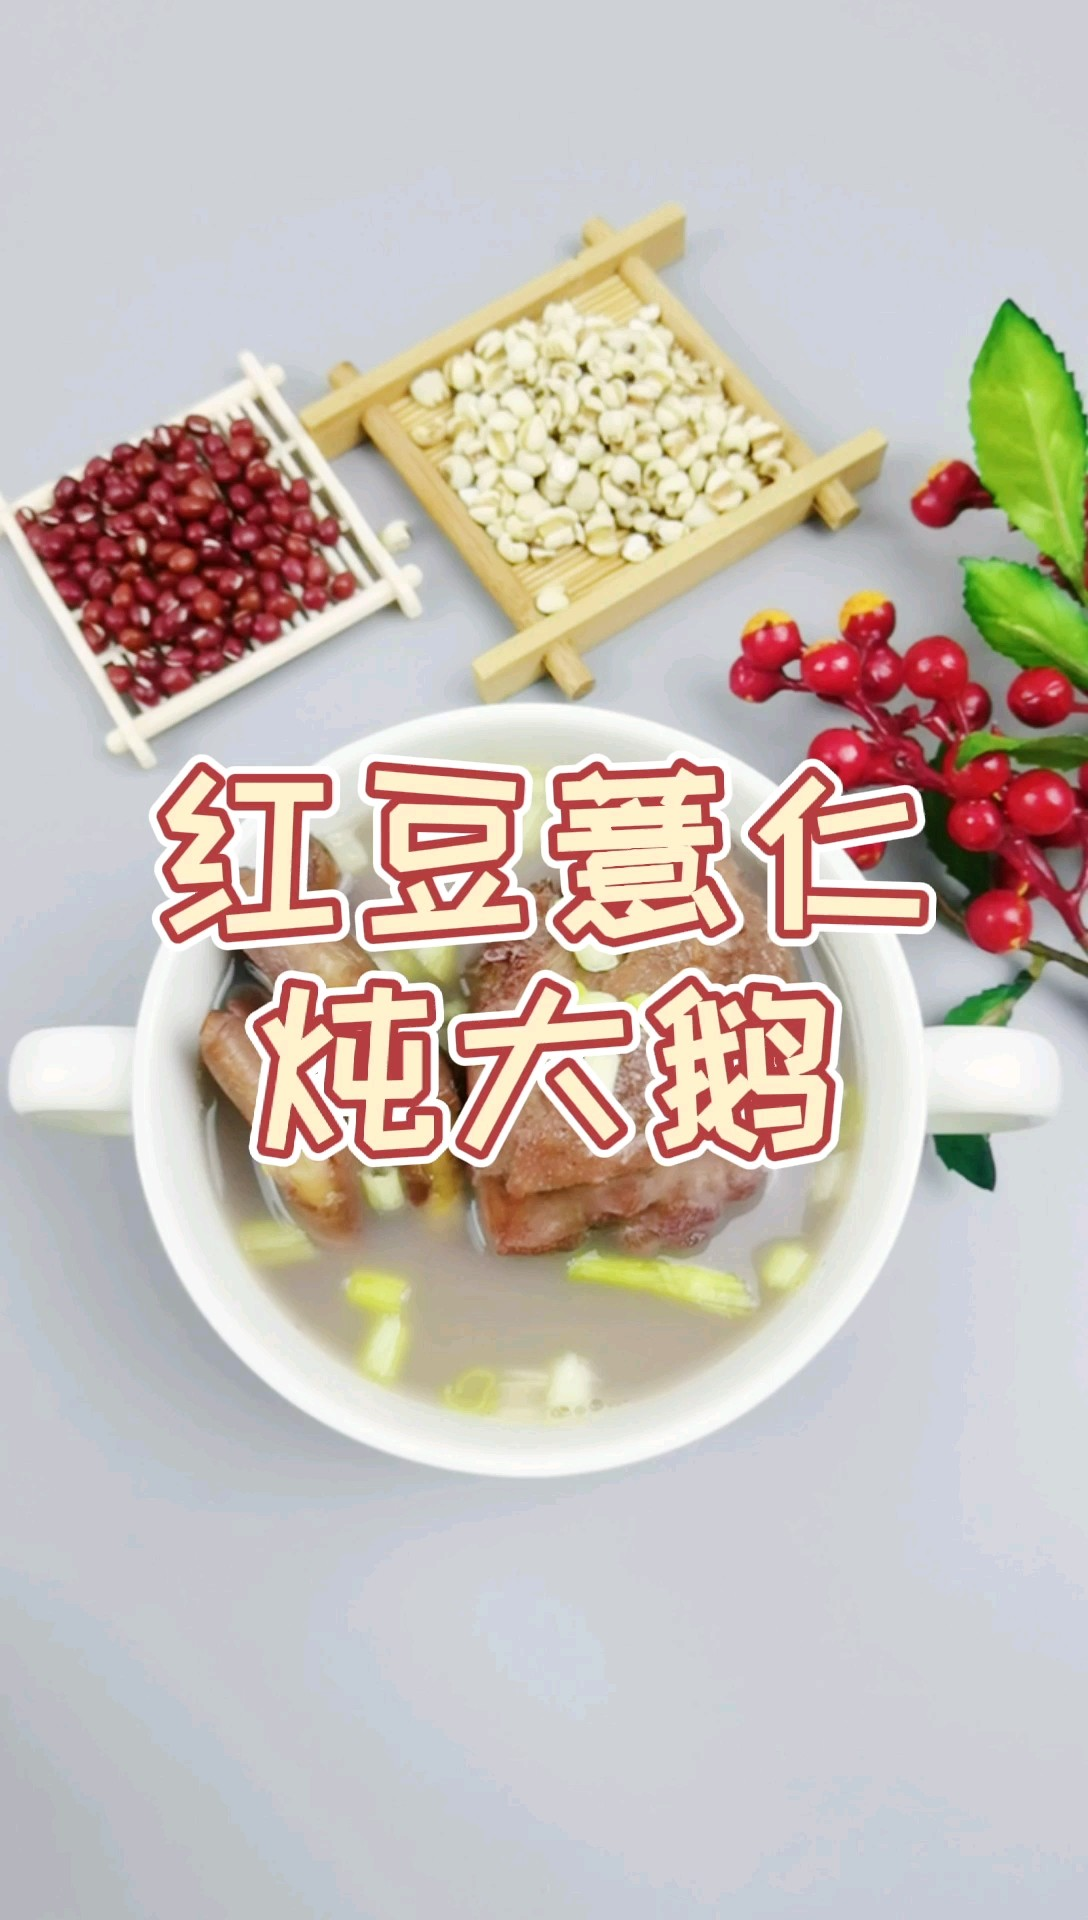 我是半滴雨#來自內蒙古#,參賽作品為紅豆薏仁燉大鵝,炎炎夏日1碗降火消暑的湯品,有愛的你值得擁有